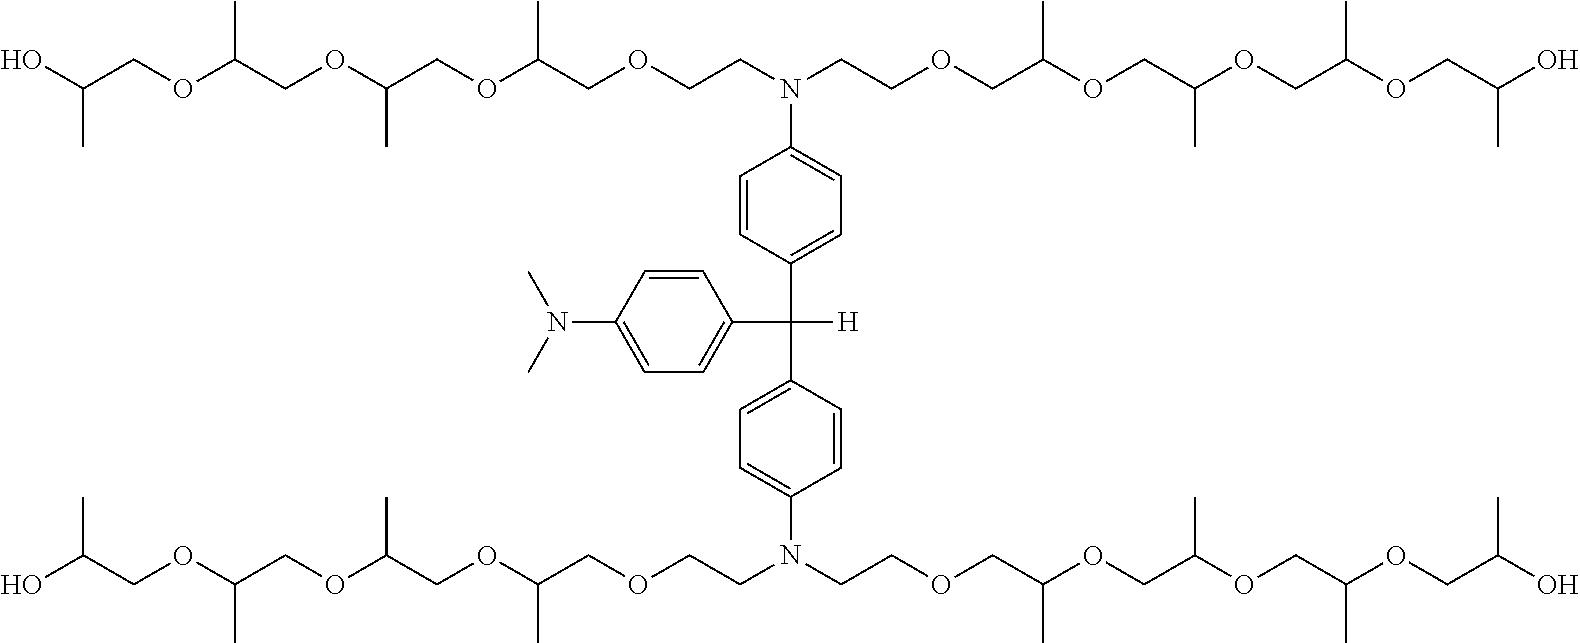 Figure US09982221-20180529-C00050